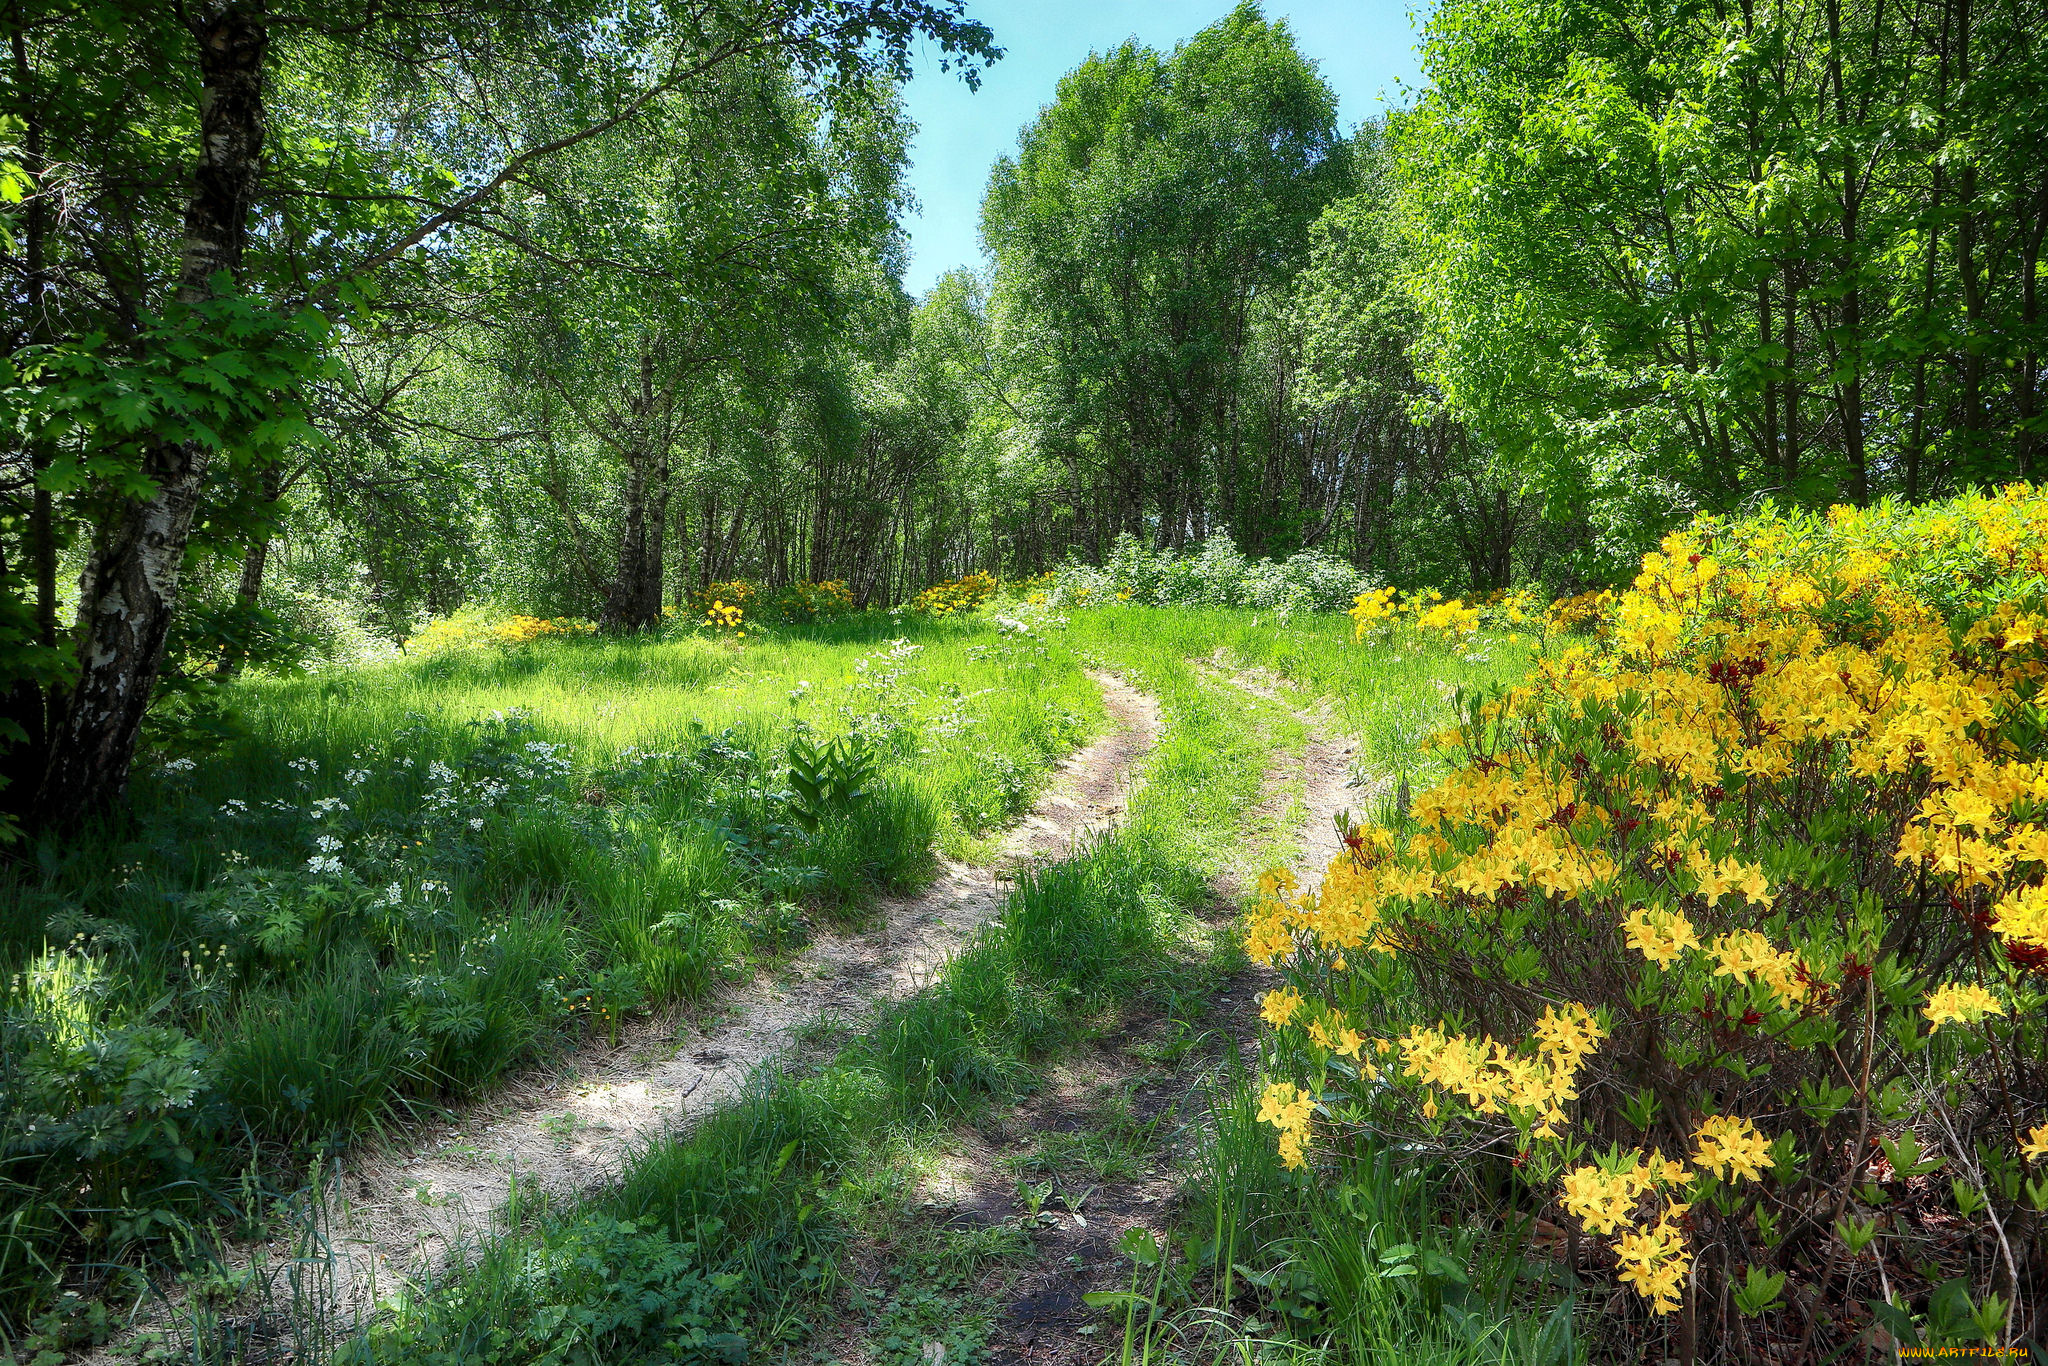 картинки лесные просторы впервые увидел мариту